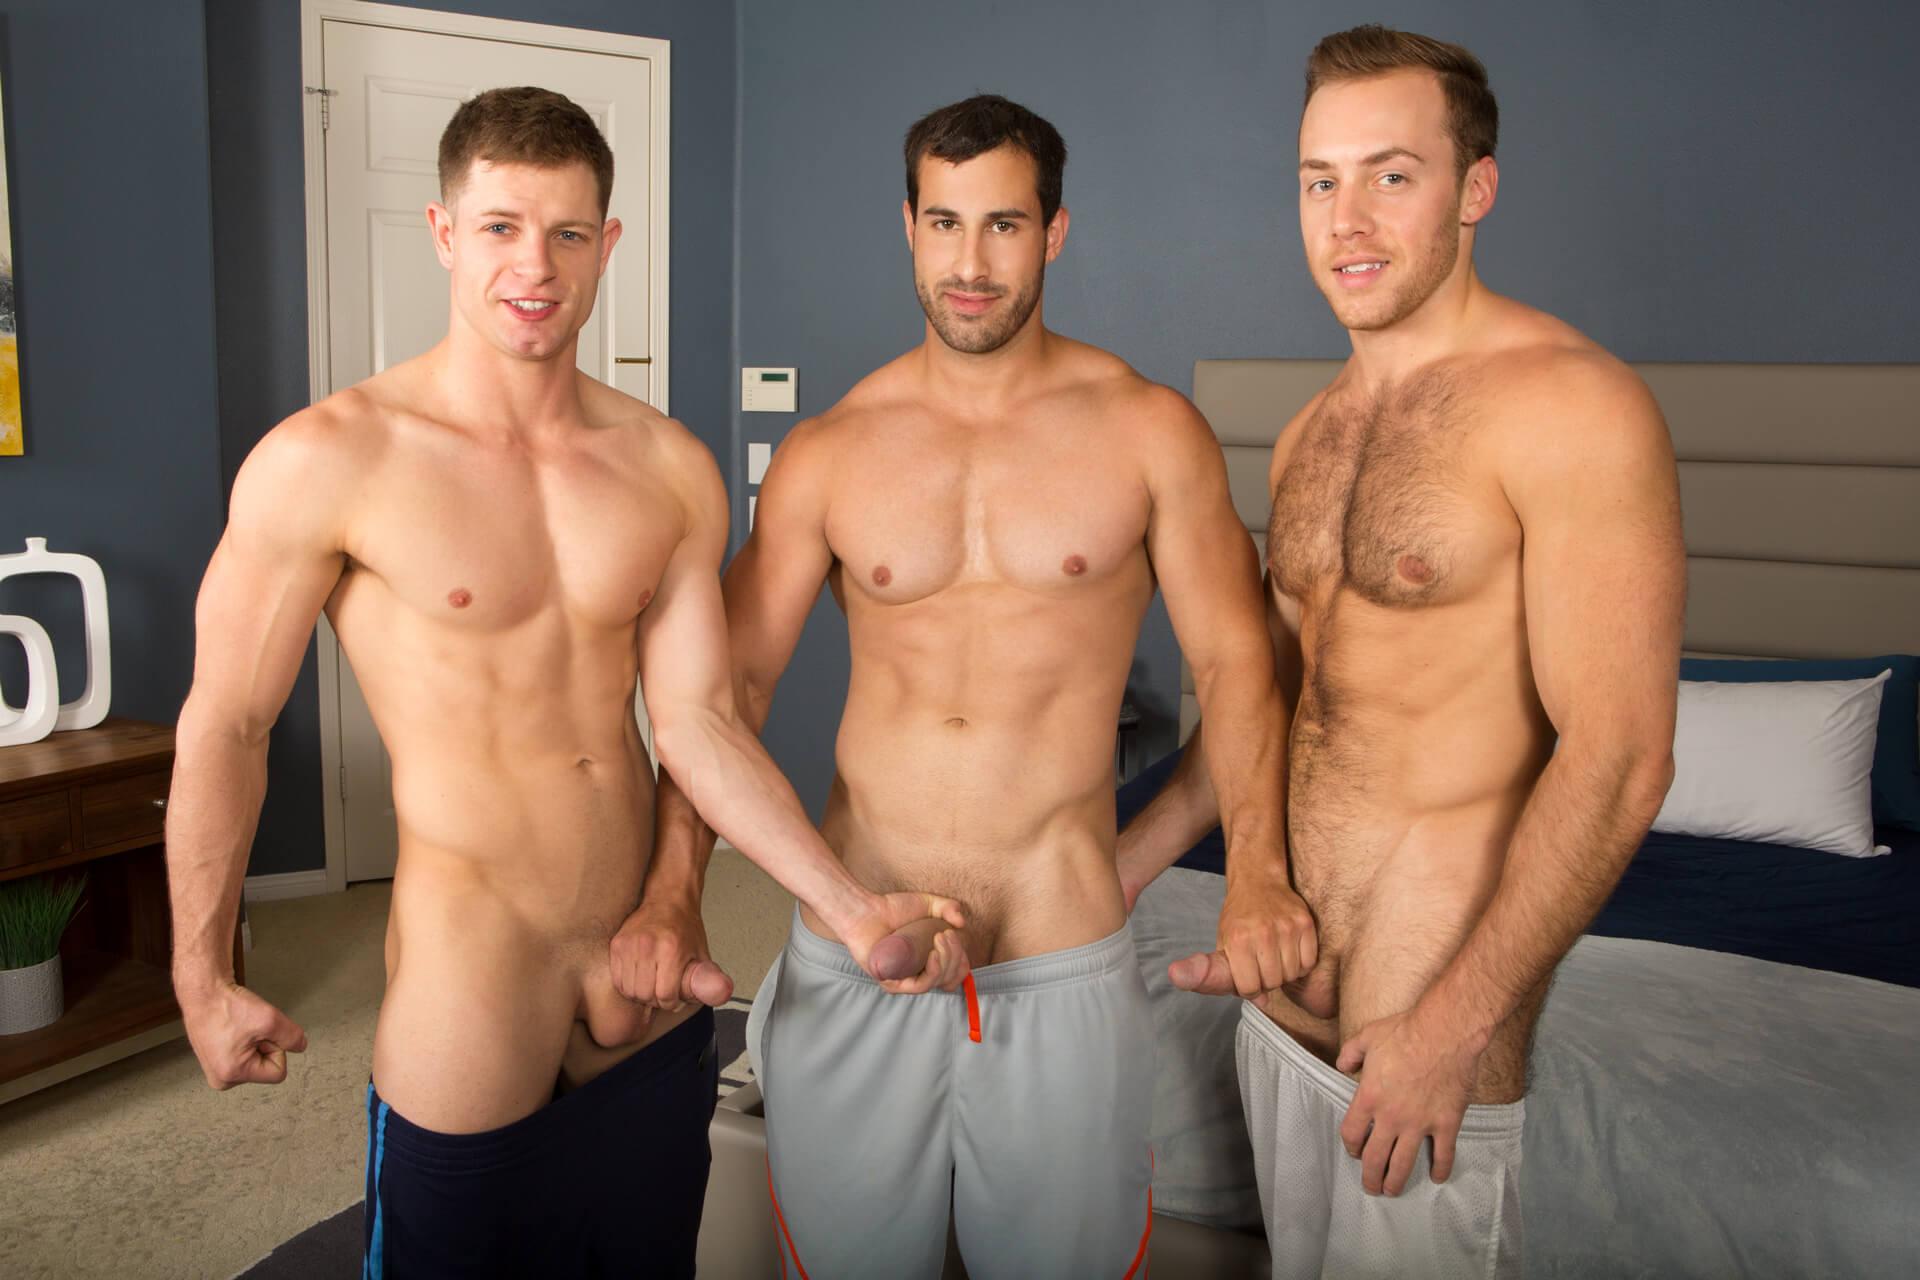 sean cody bareback threeway randy dean cory gay porn blog image 5